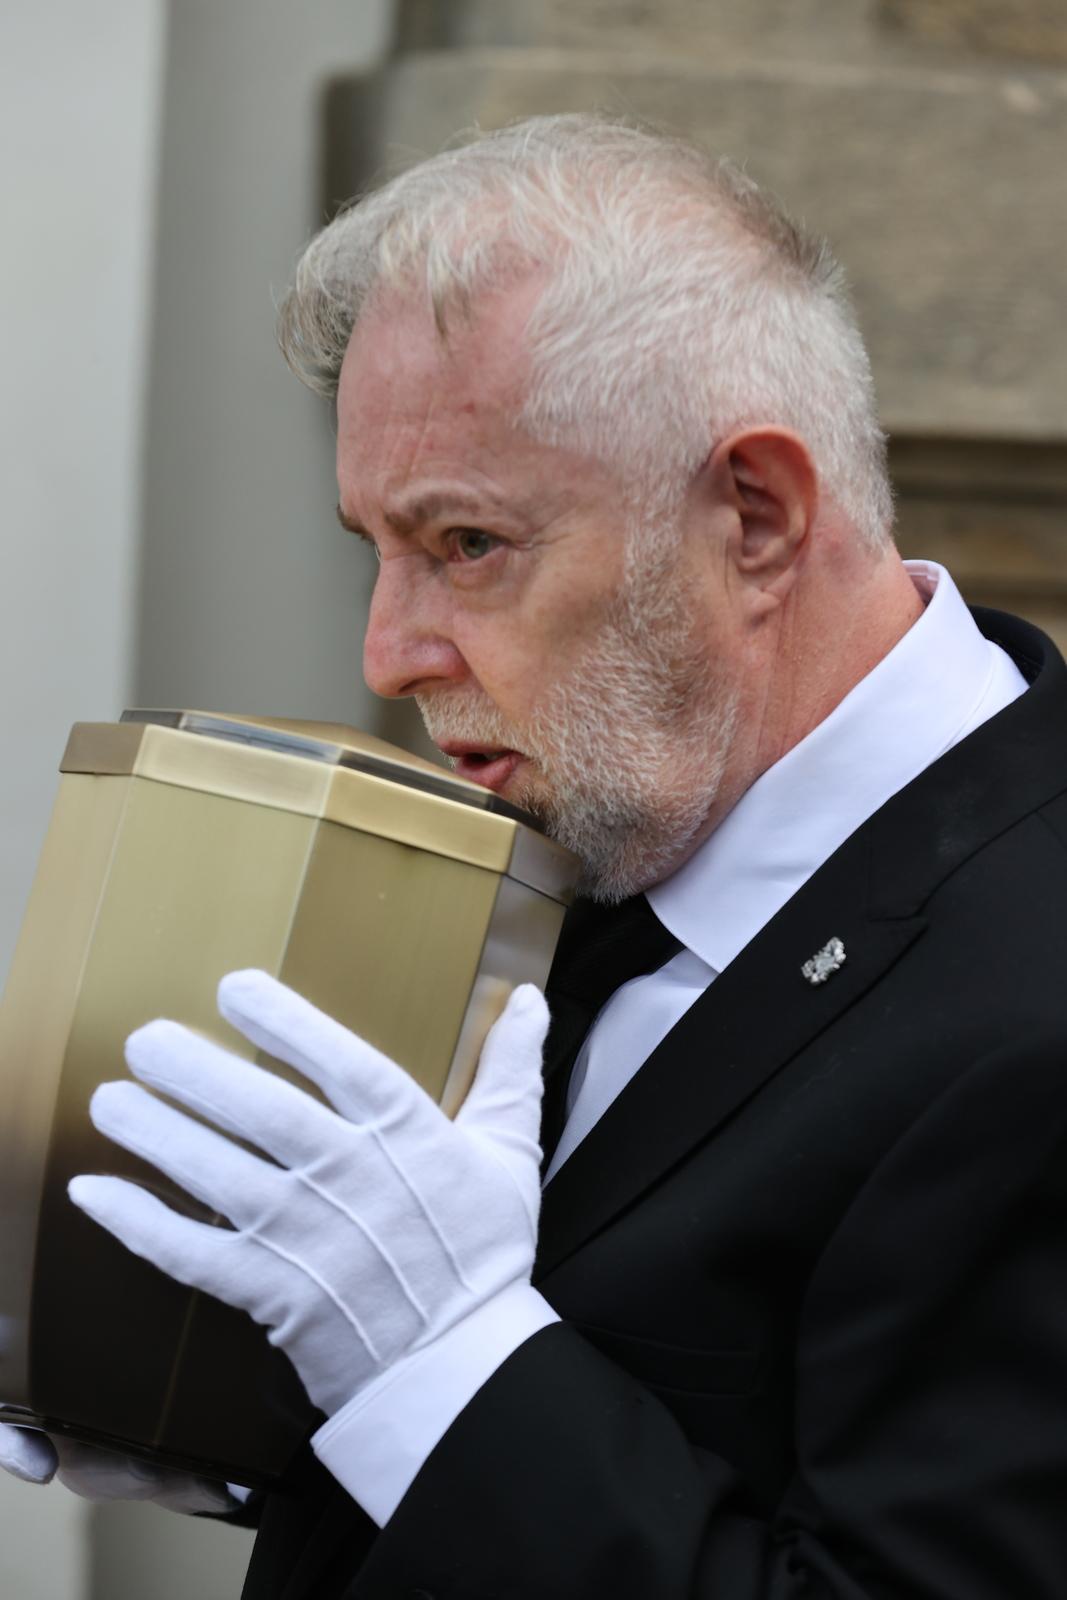 Jan Kolomazník si odvezl ostatky Evy Pilarové v urně s sebou